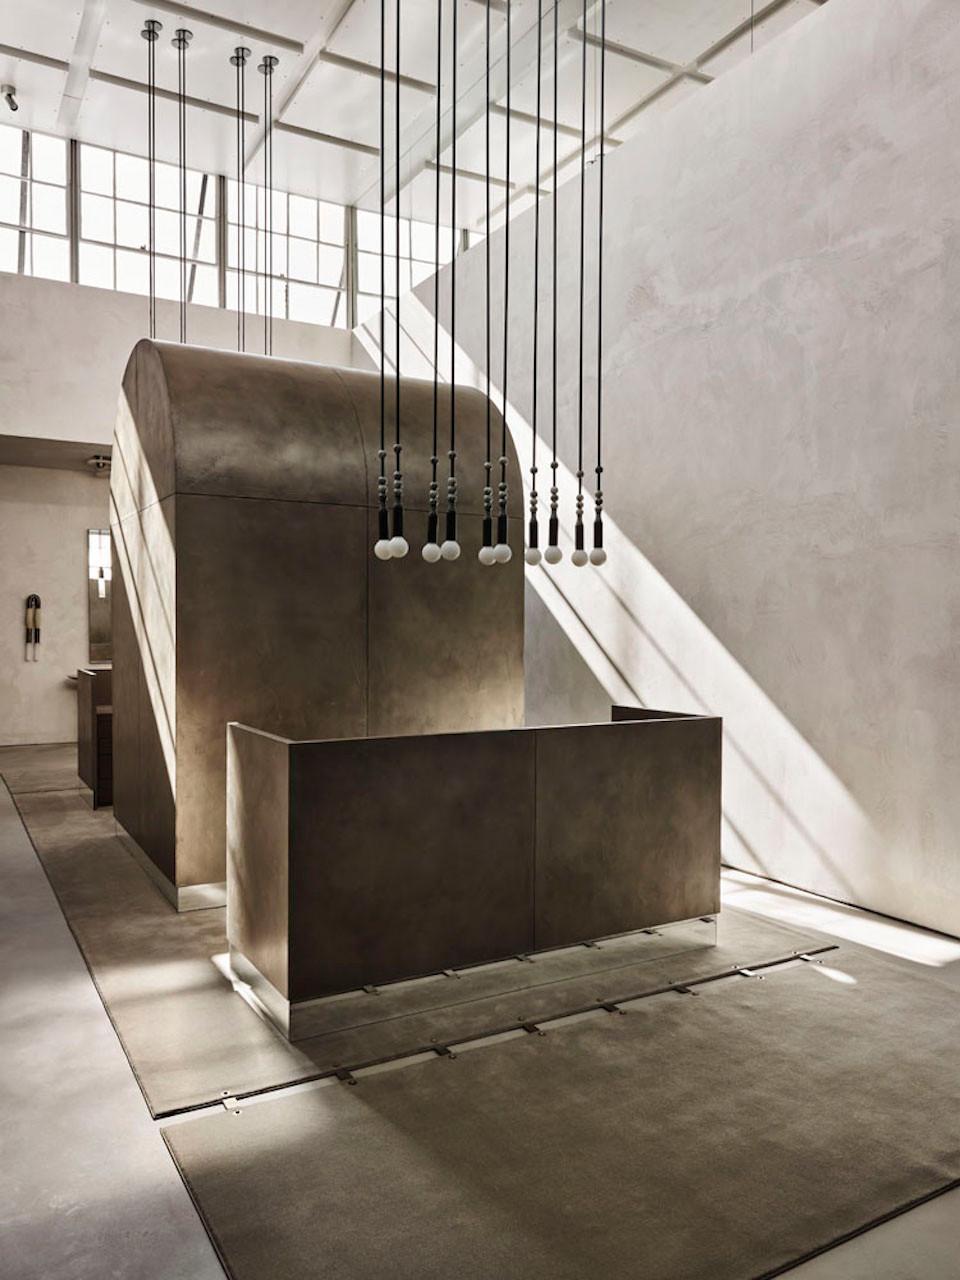 Apparatus | Шоурум Apparatus открывает свои двери в Лос-Анджелесе |  блог SENKO architects | современный дизайн интерьера | современная архитектура | минимализм